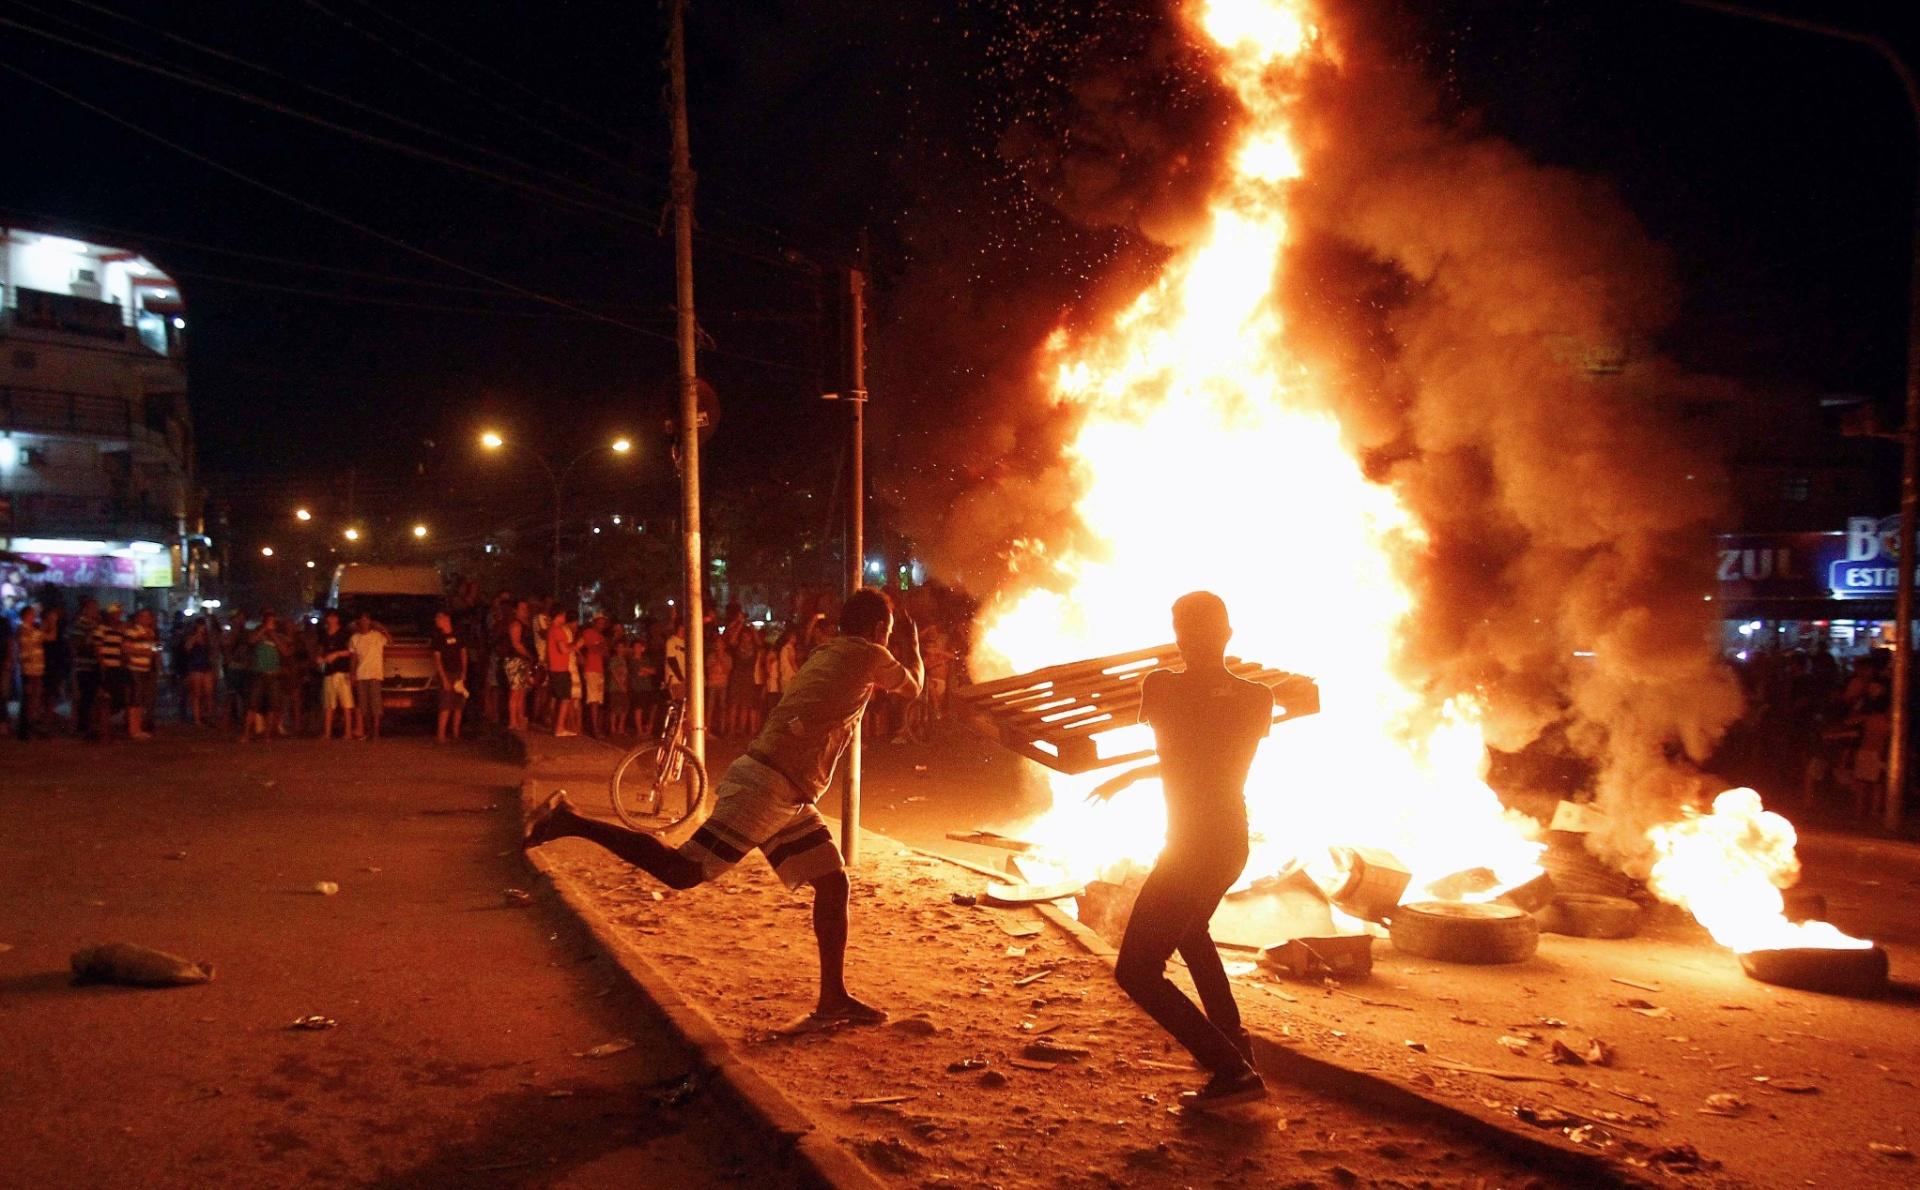 12.out.2013 - Manifestantes queimaram pneus, madeira e entulhos em confronto com policiais militares na estrada de Jacarepaguá, zona oeste do Rio